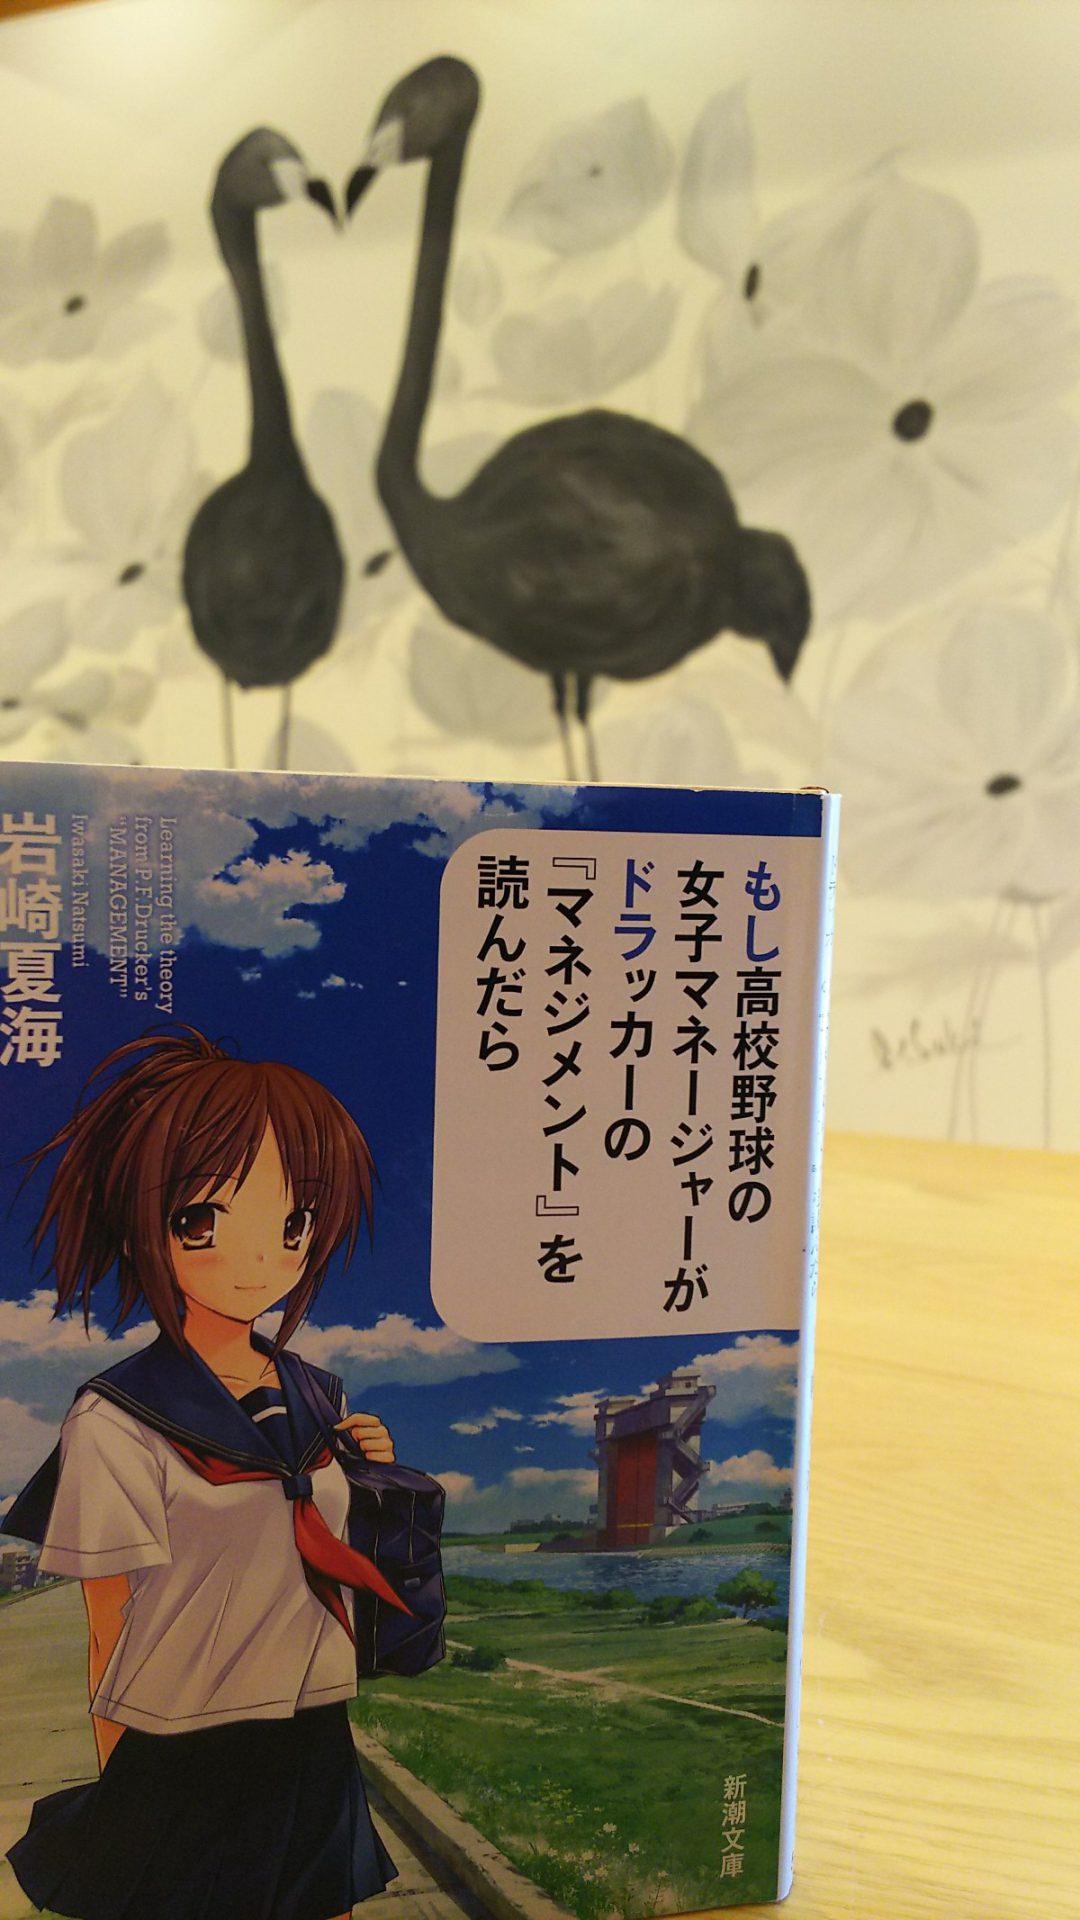 大の葬祭 想いのメモ帳(やよい)2018/4/30